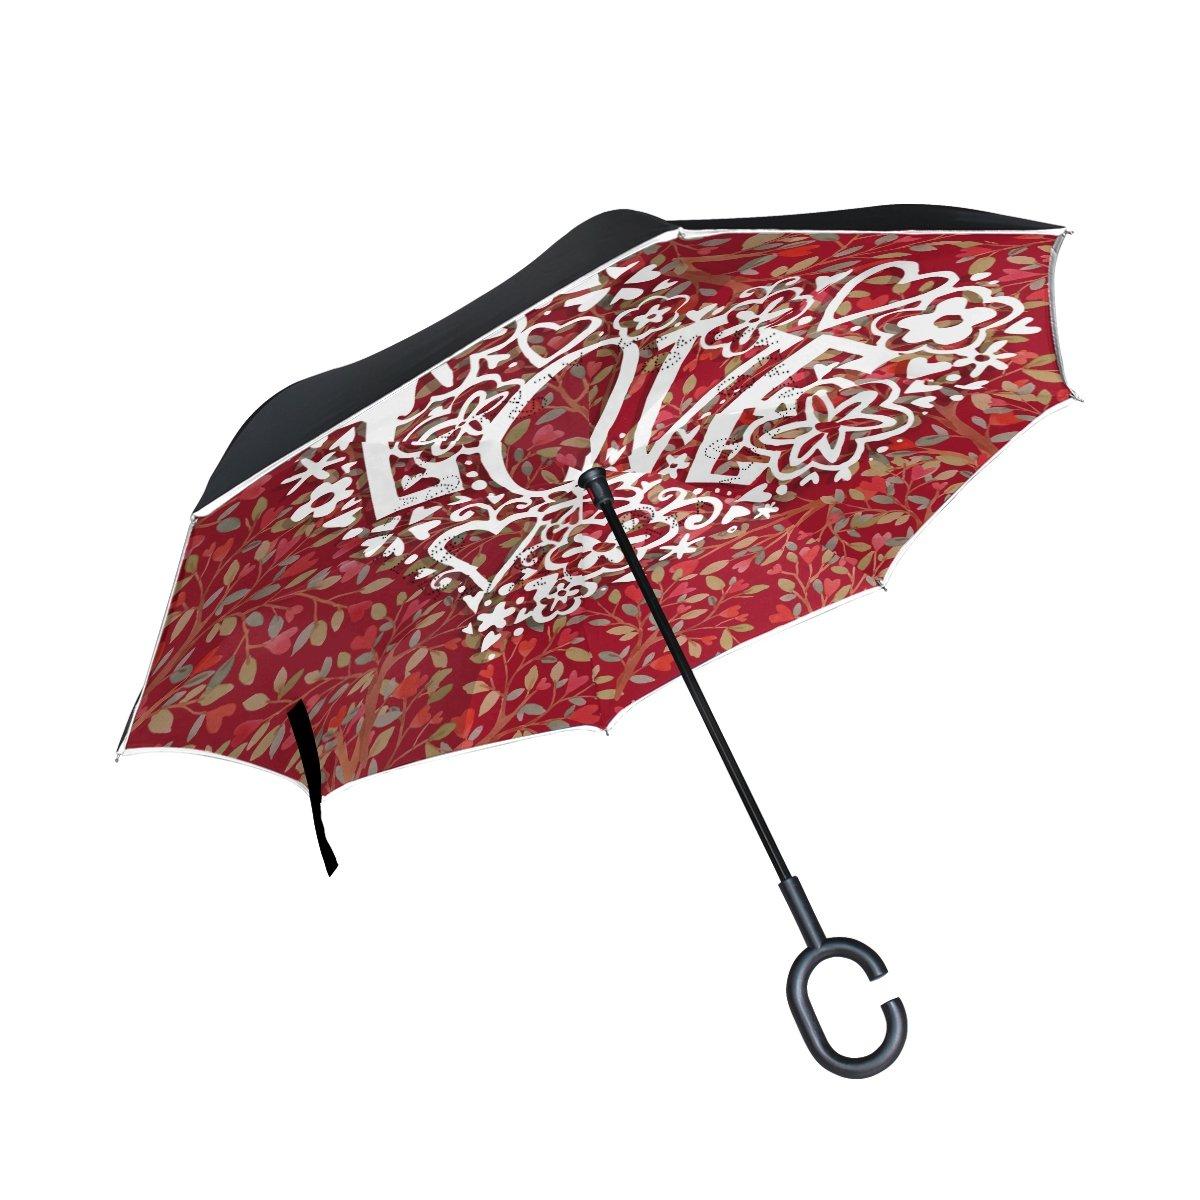 AlazaフローラルレースラブハートInverted傘二層防風Reverse折り畳み傘for Car with c-shapeハンドル   B076BBSYT2